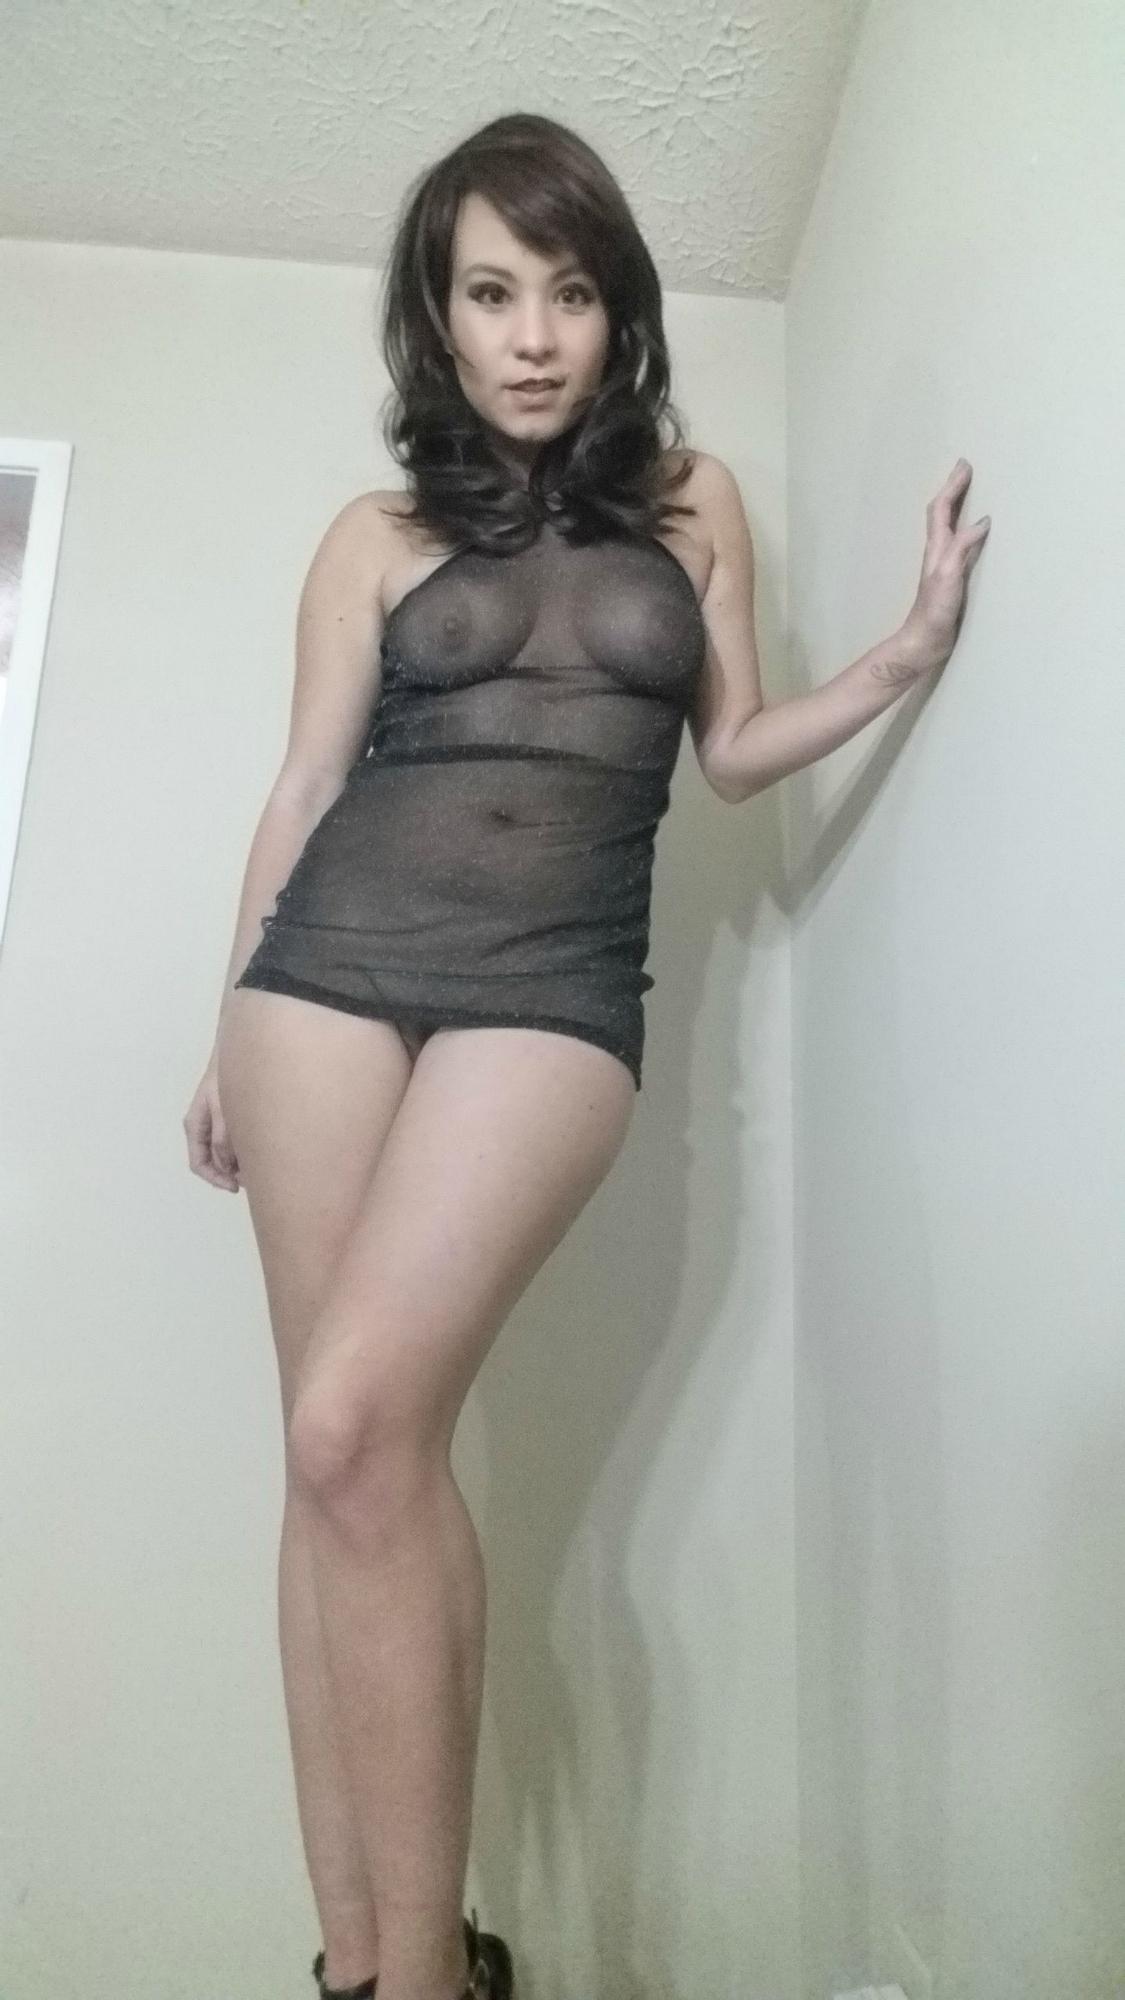 Красивая брюнетка с большой грудью сняла с себя трусики и показала голую пилотку - порно фото